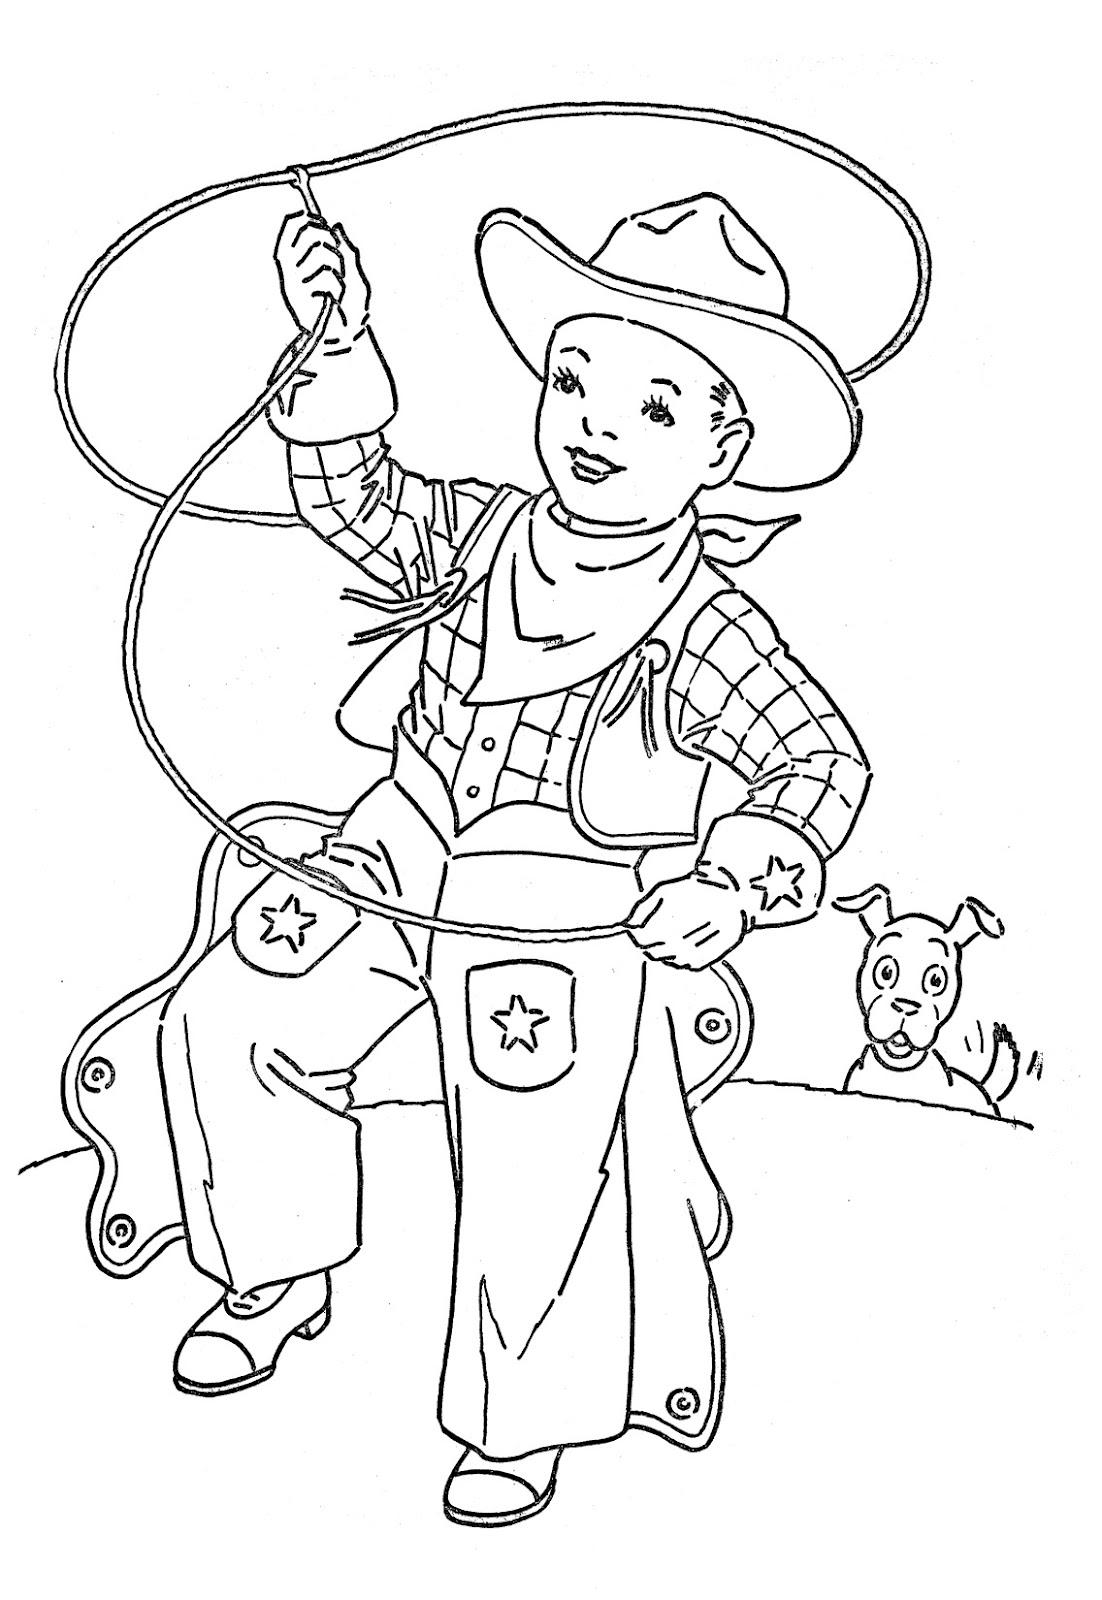 Vintage Clip Art - Cute Lil Cowboy - Digi Stamp - The ...